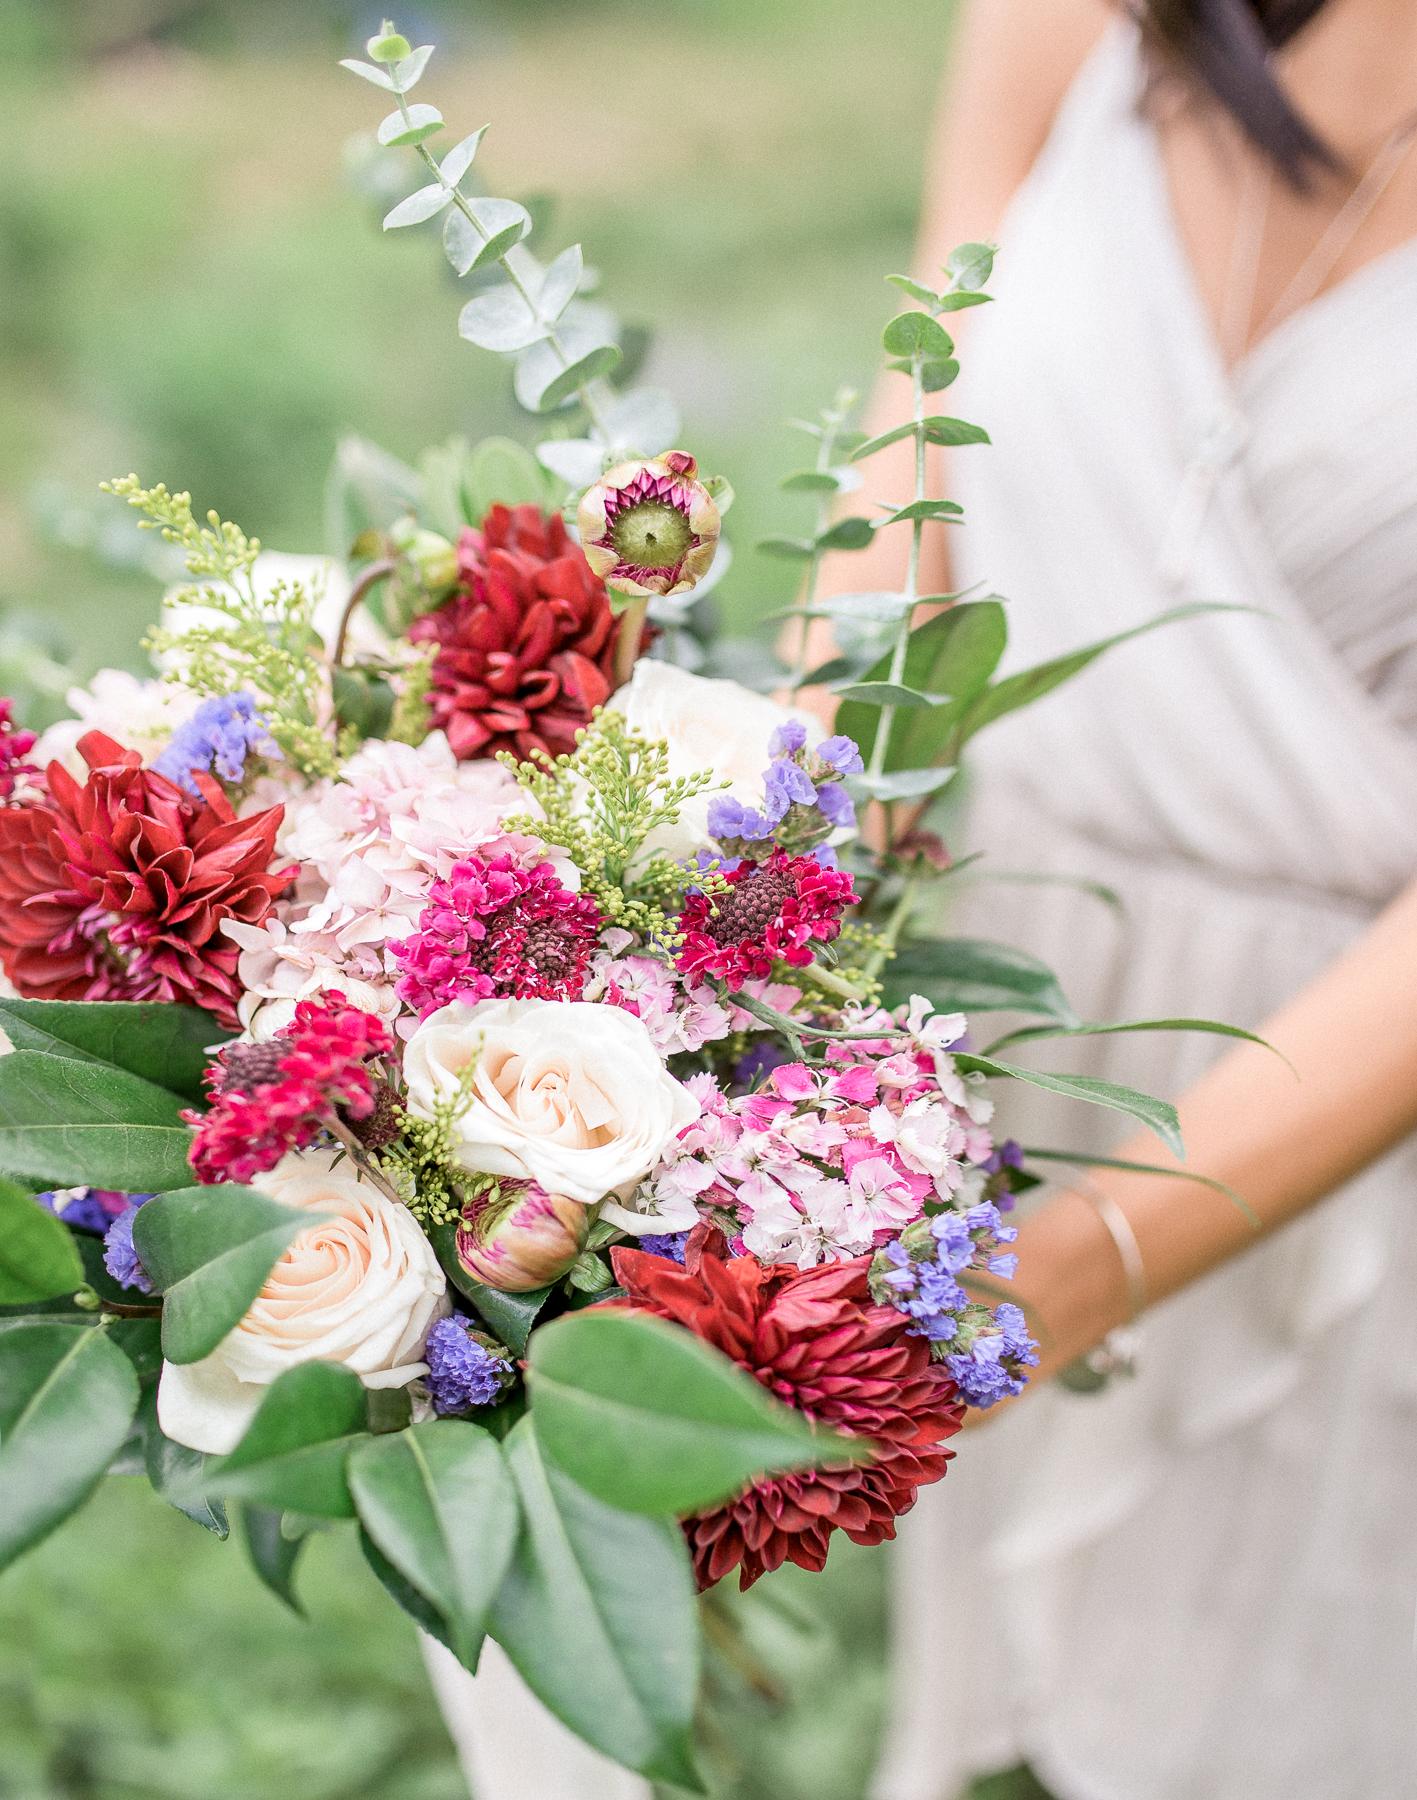 Utah Wildflower Elopement by Megan Lee Photography